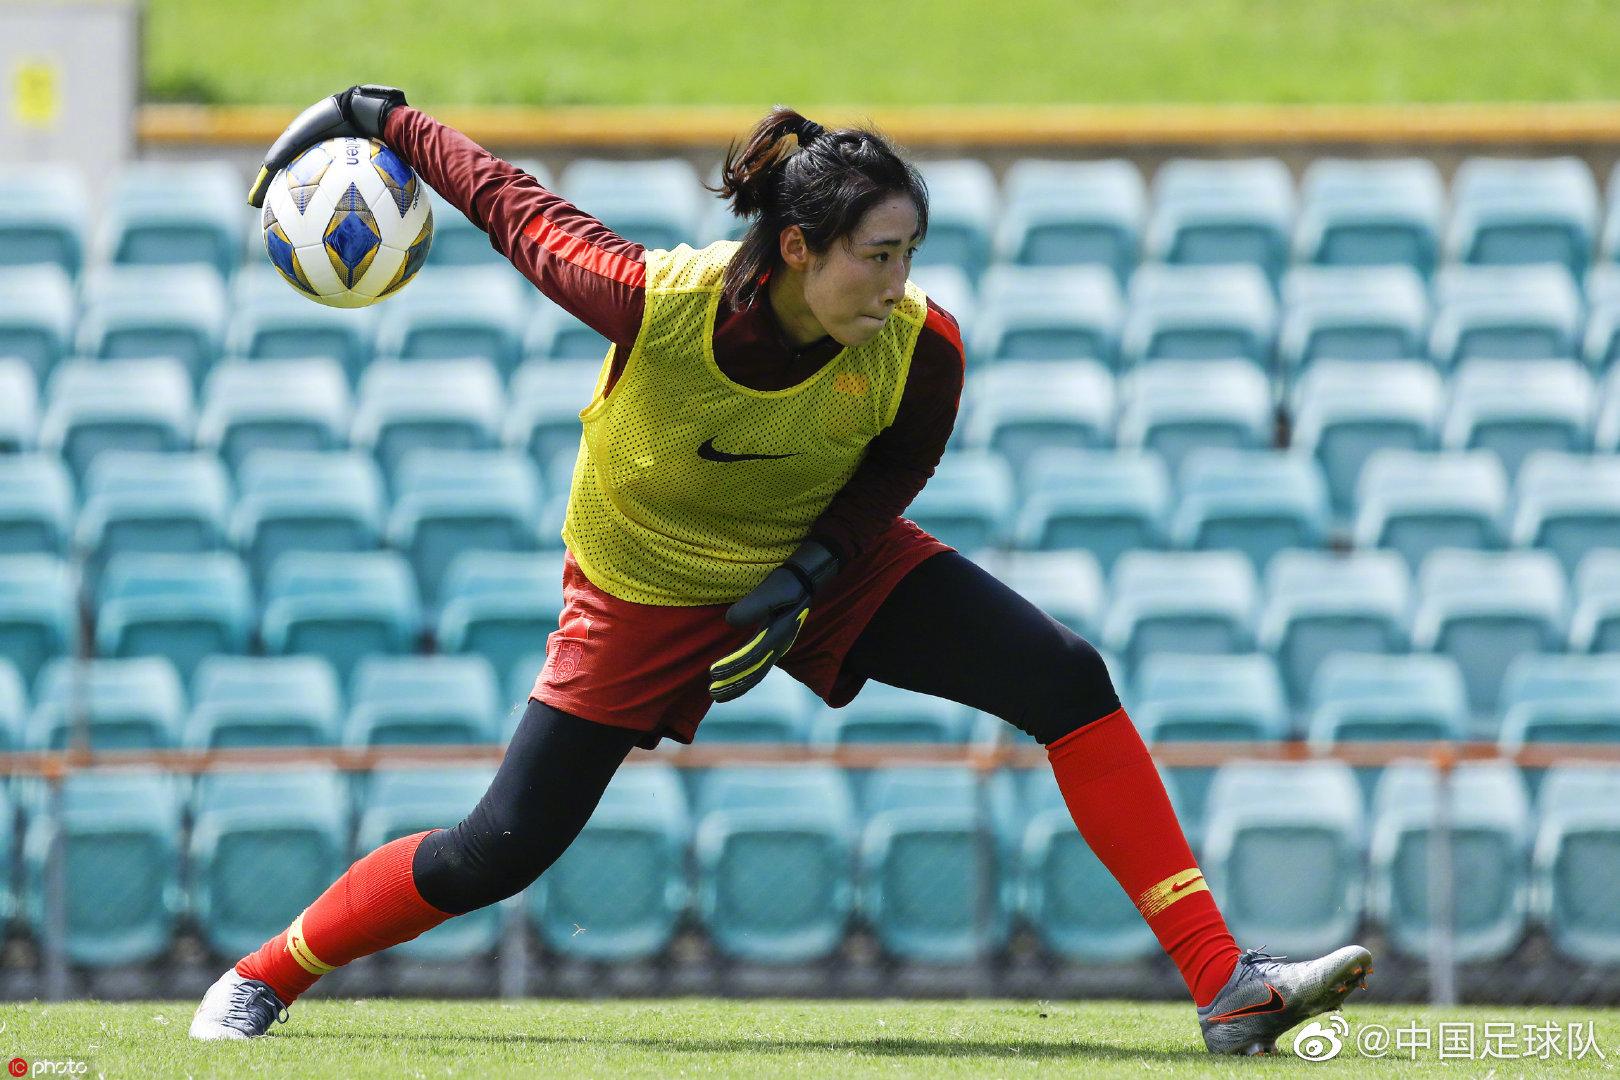 女足众将:目前球队非常团结,对阵澳大利亚要全力争胜